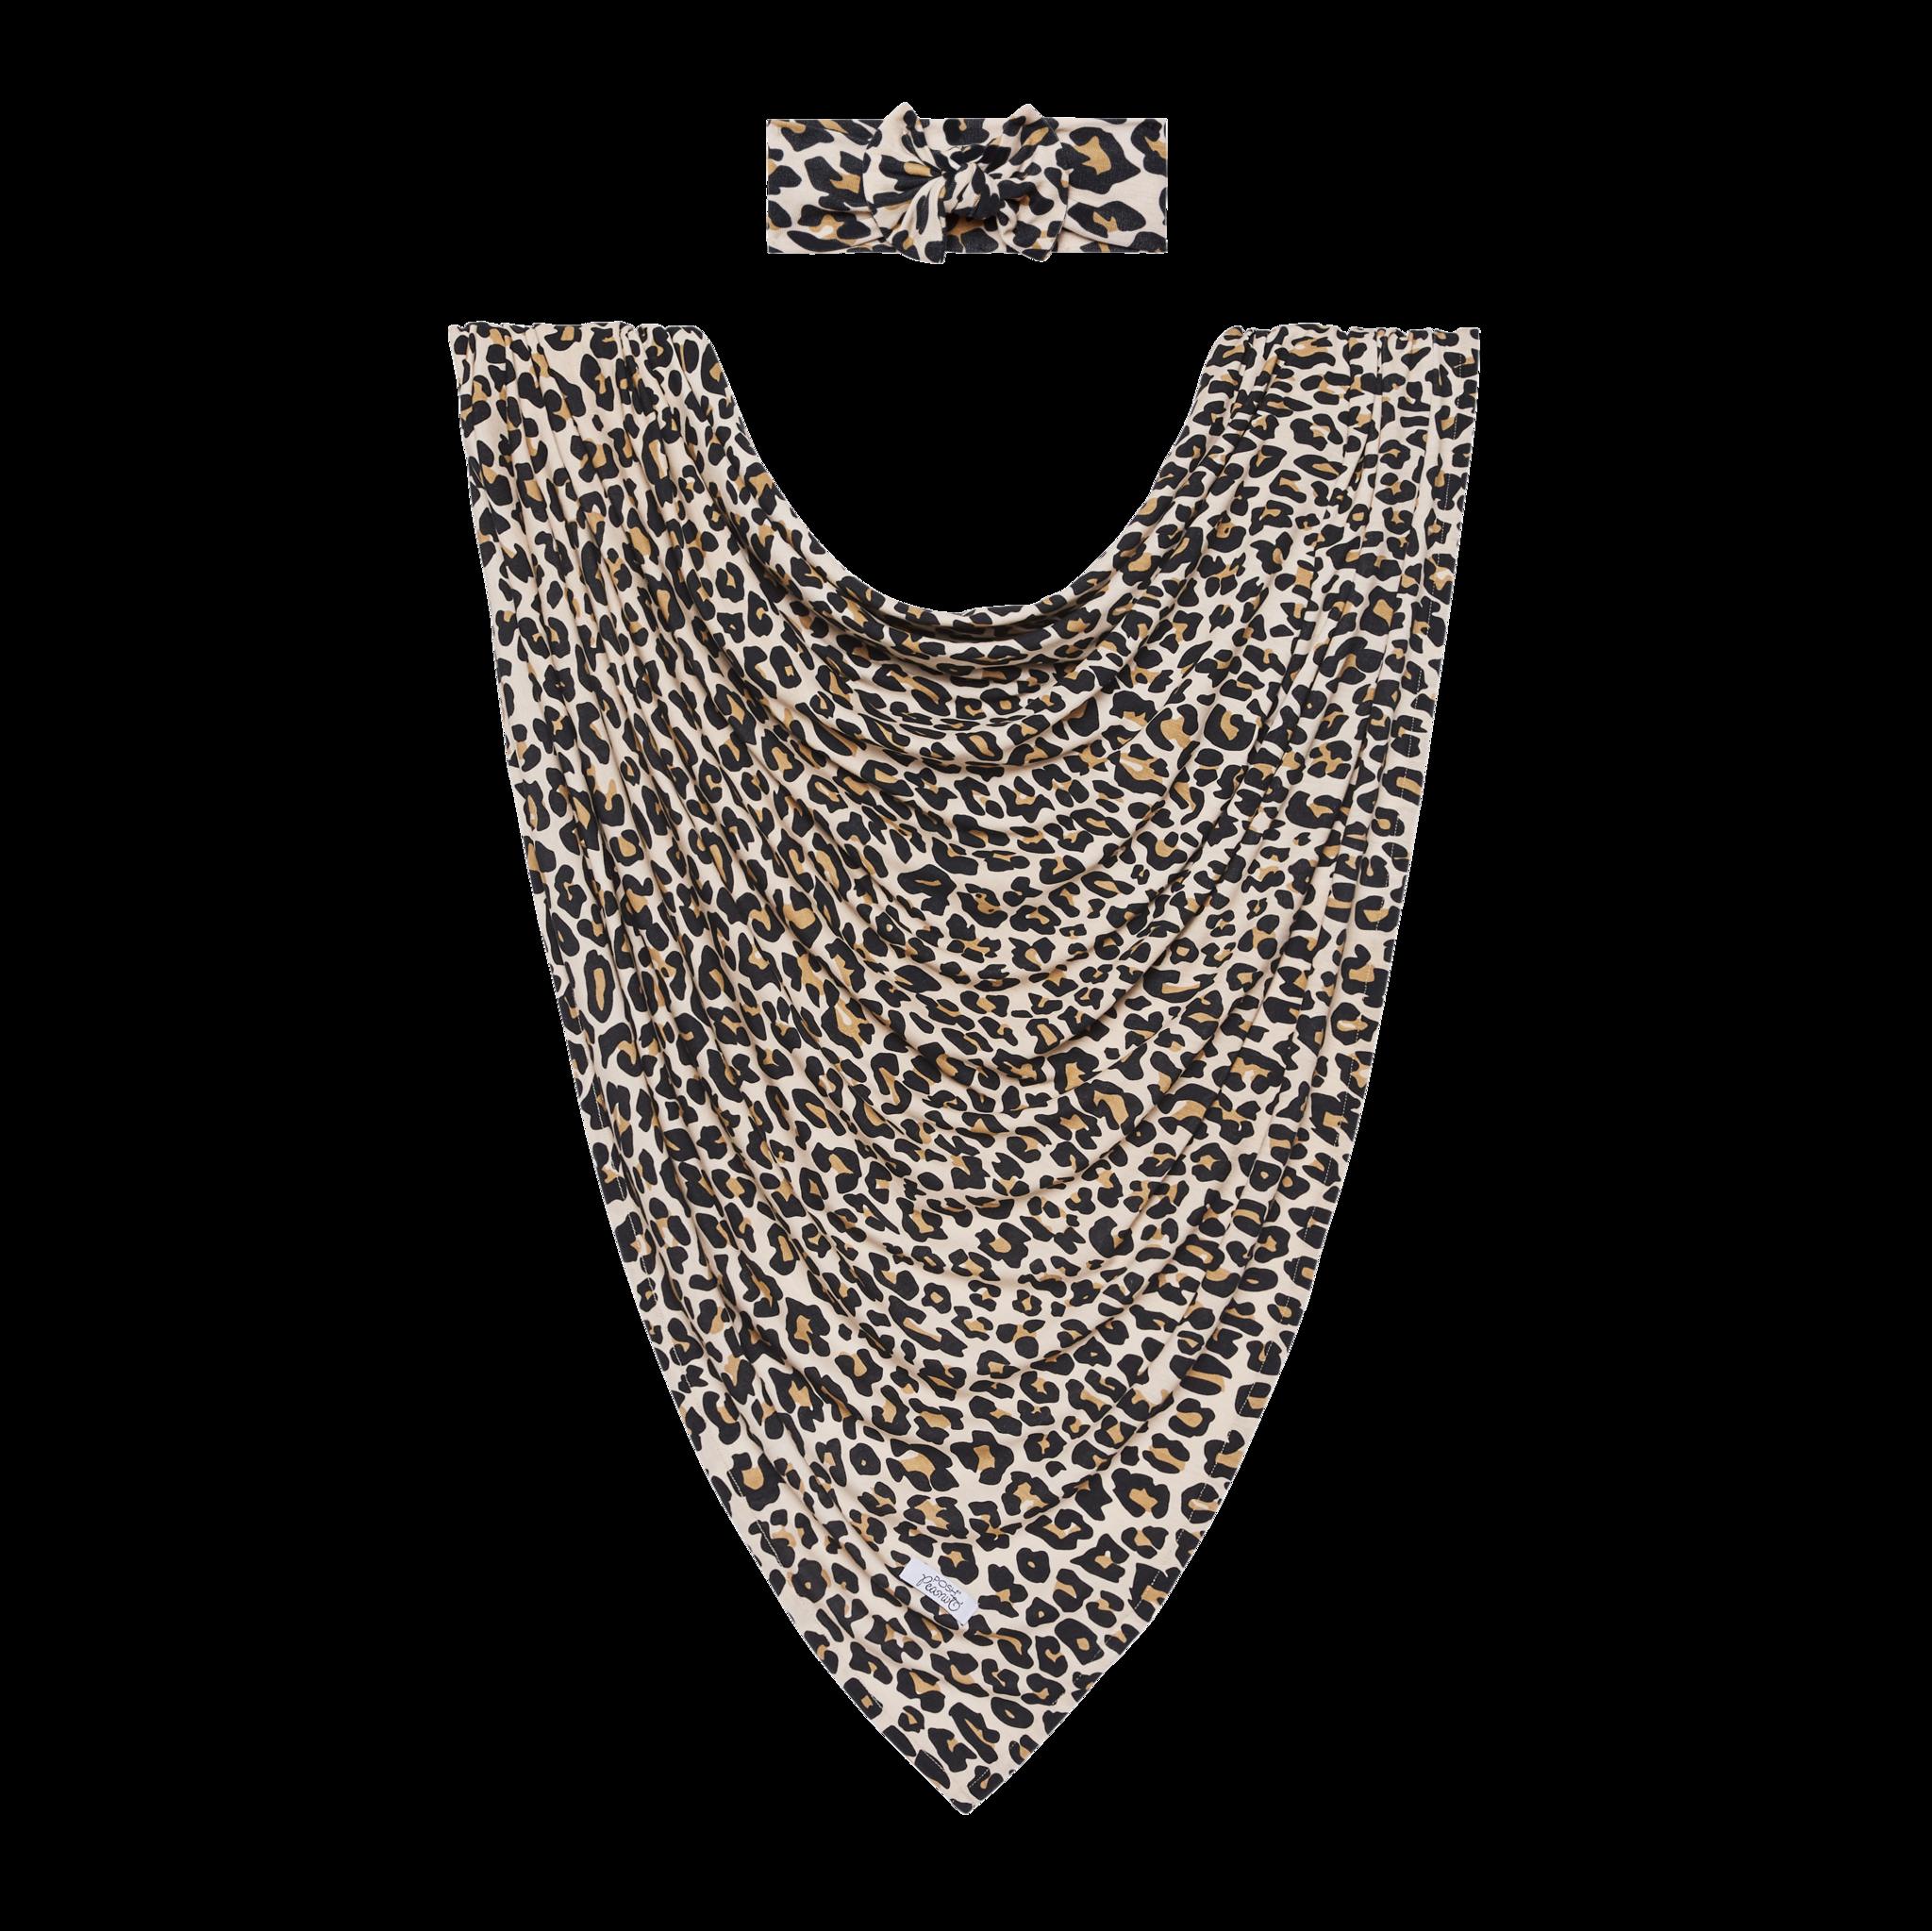 Posh Peanut Lana Leopard Swaddle Headband Set